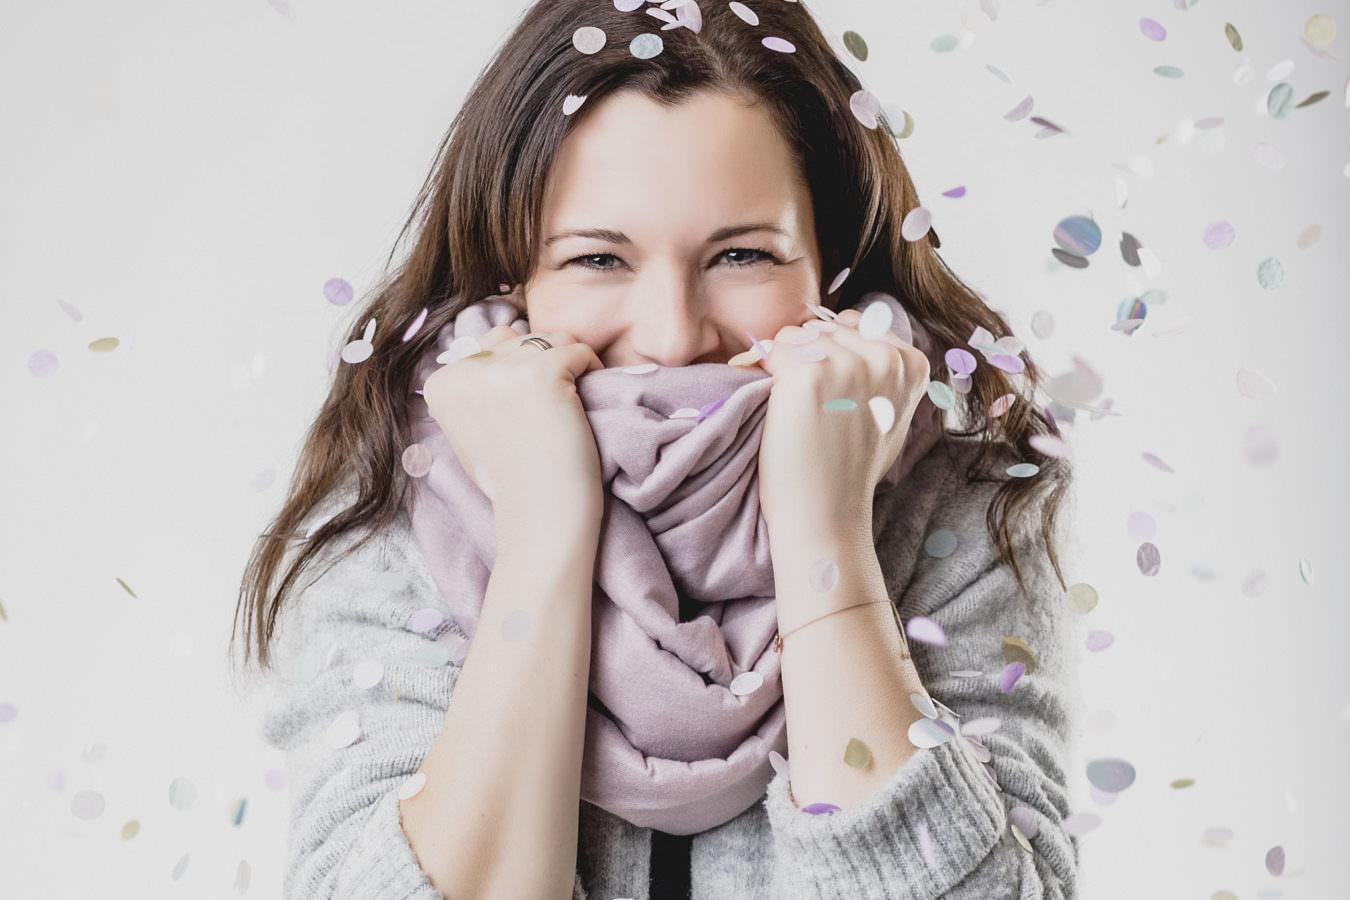 Modernes Studio Fotoshooting einer jungen Frau mit Konfetti